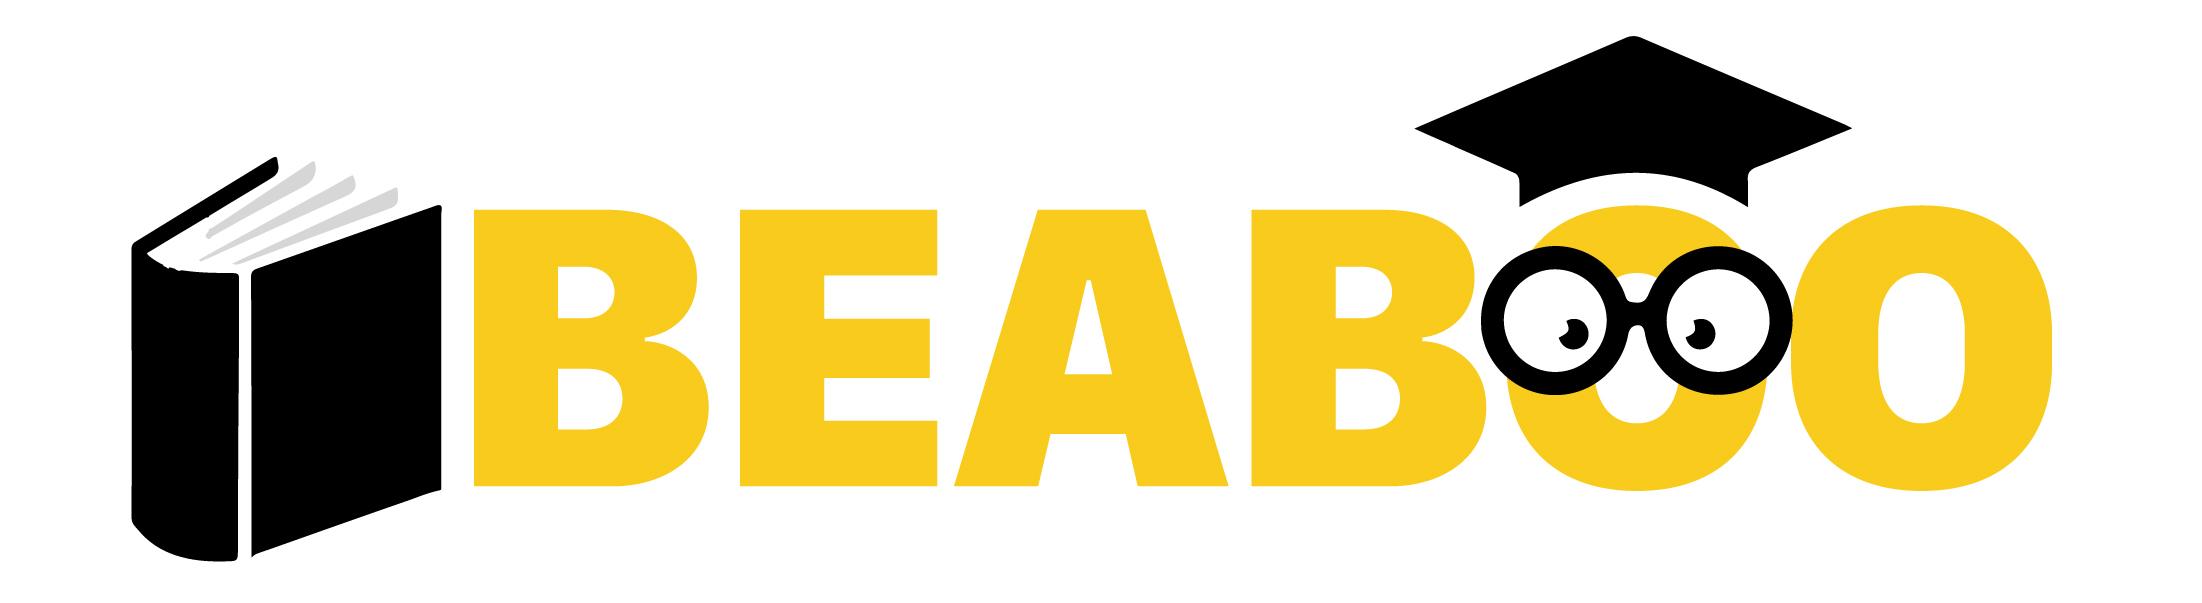 Beaboo